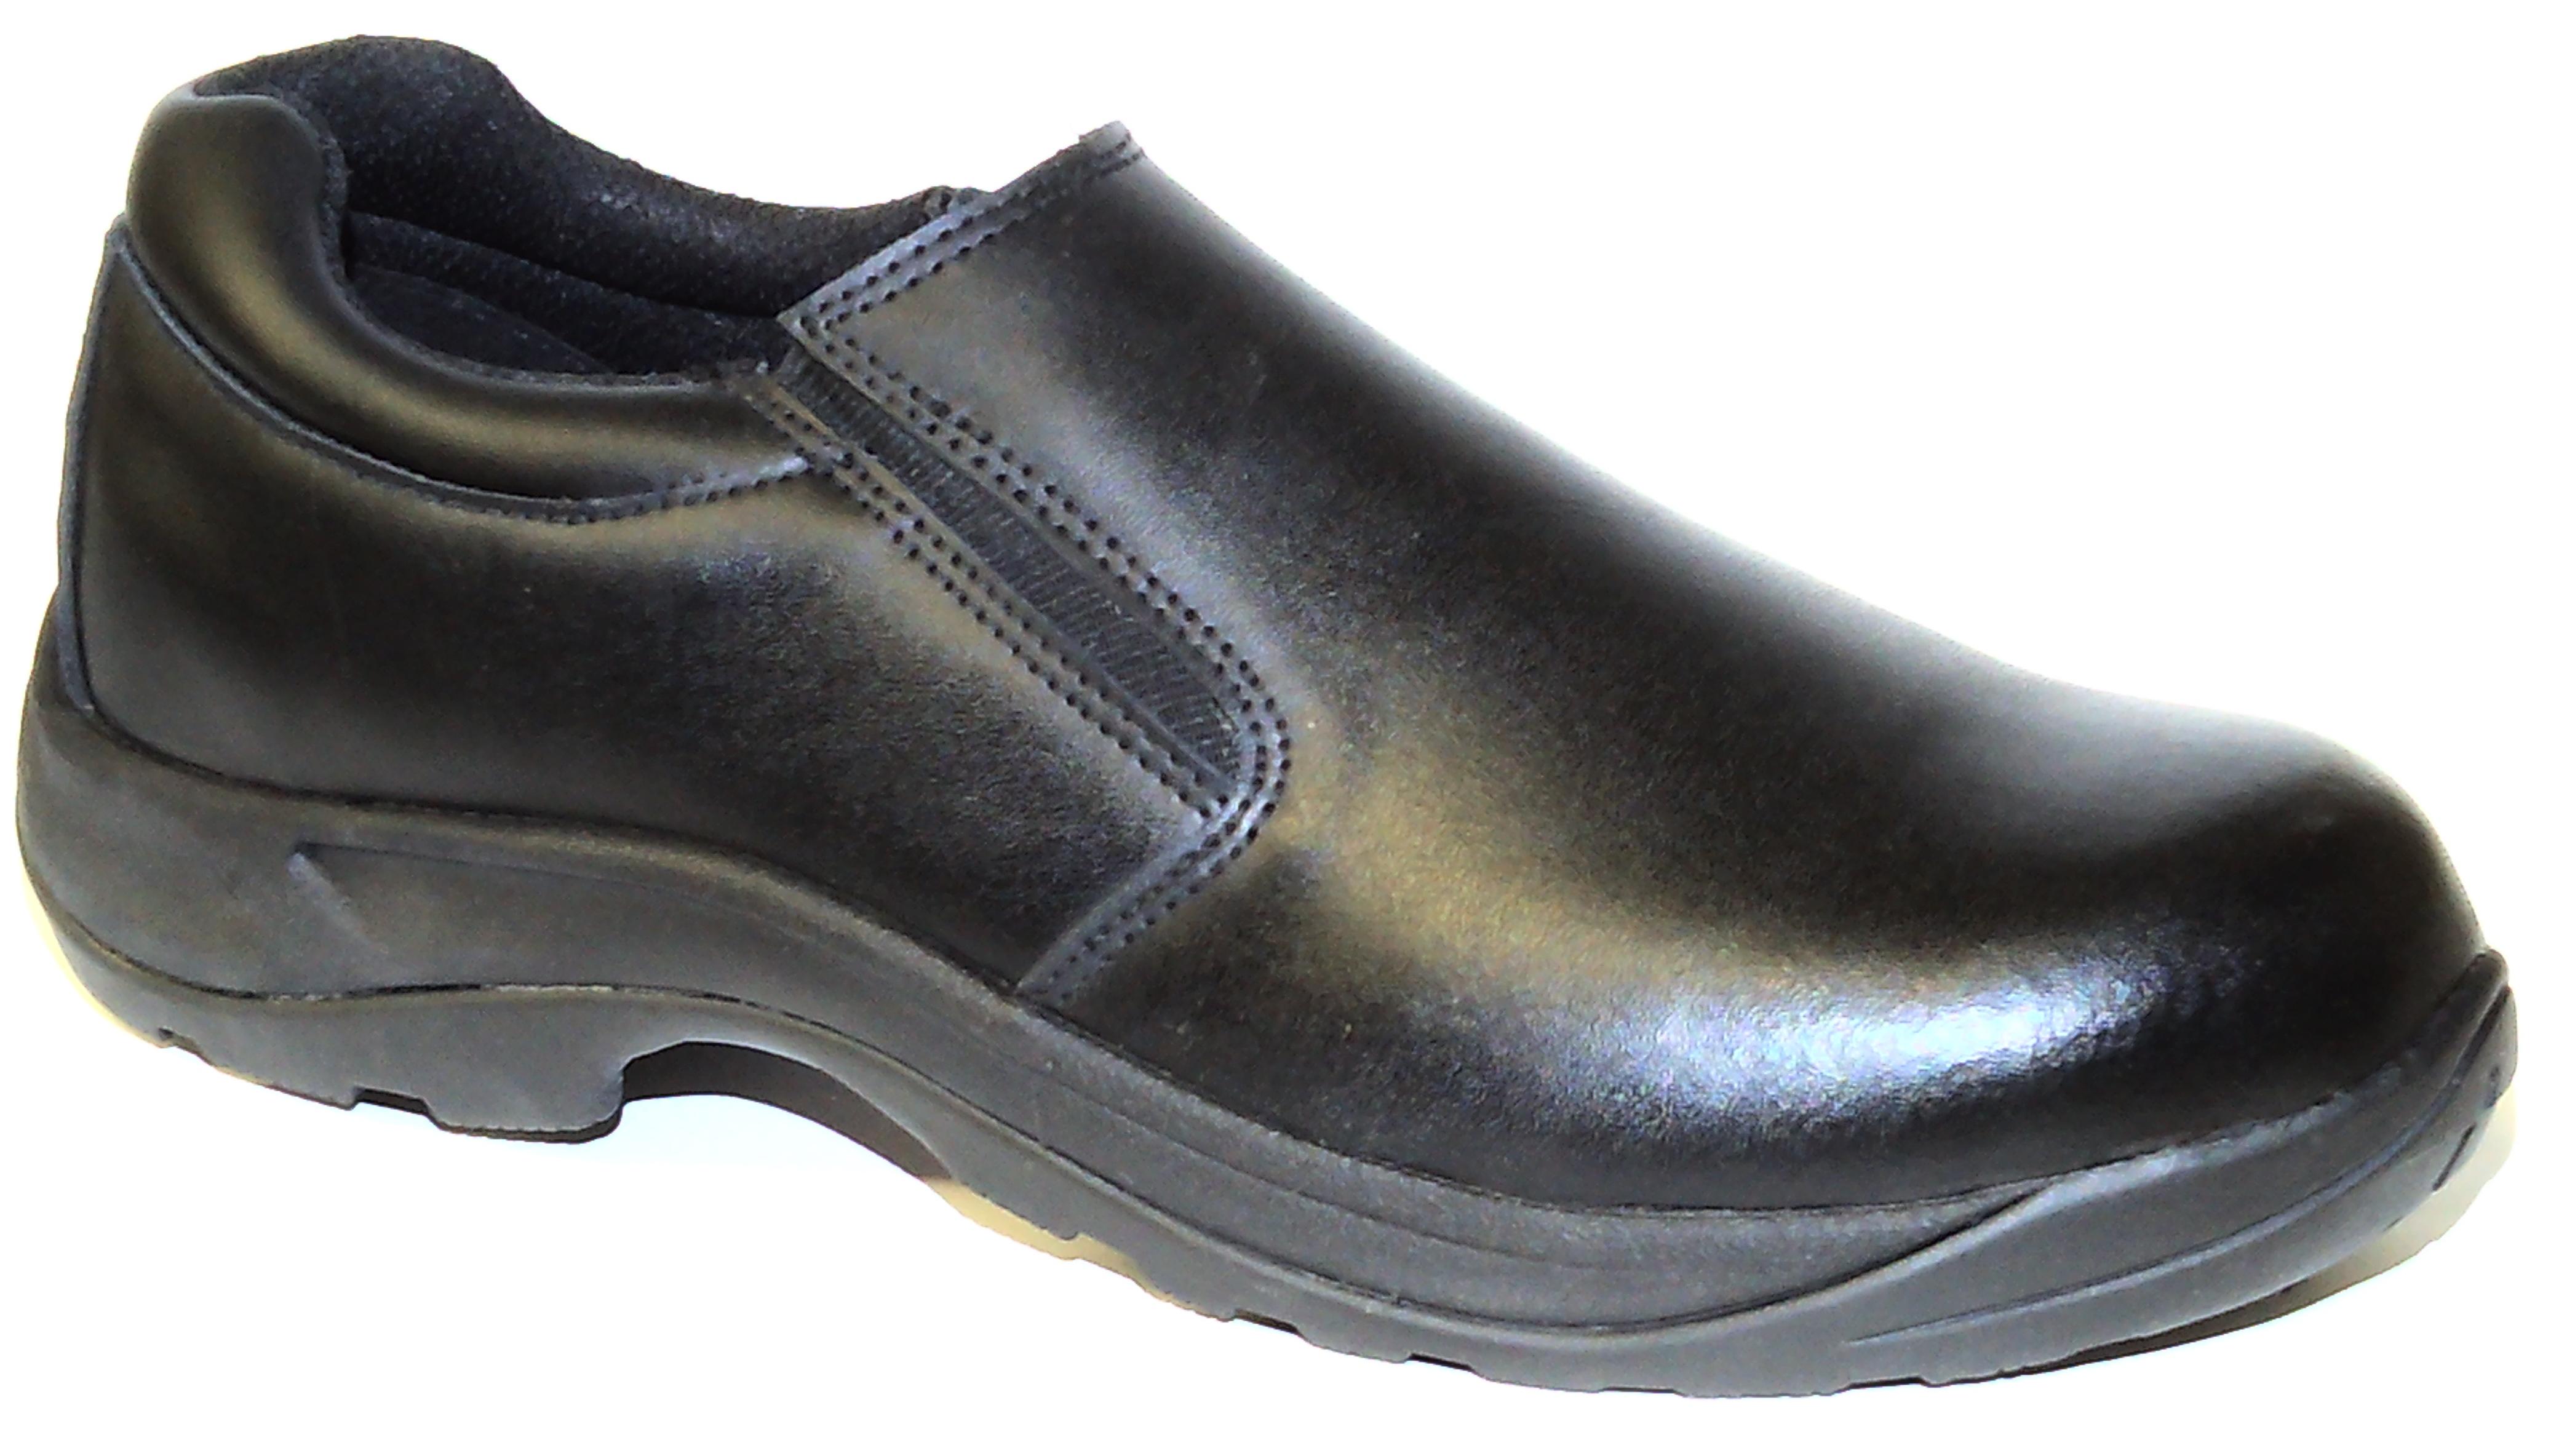 58100 CATERER SLIP ON SHOE BLACK S2